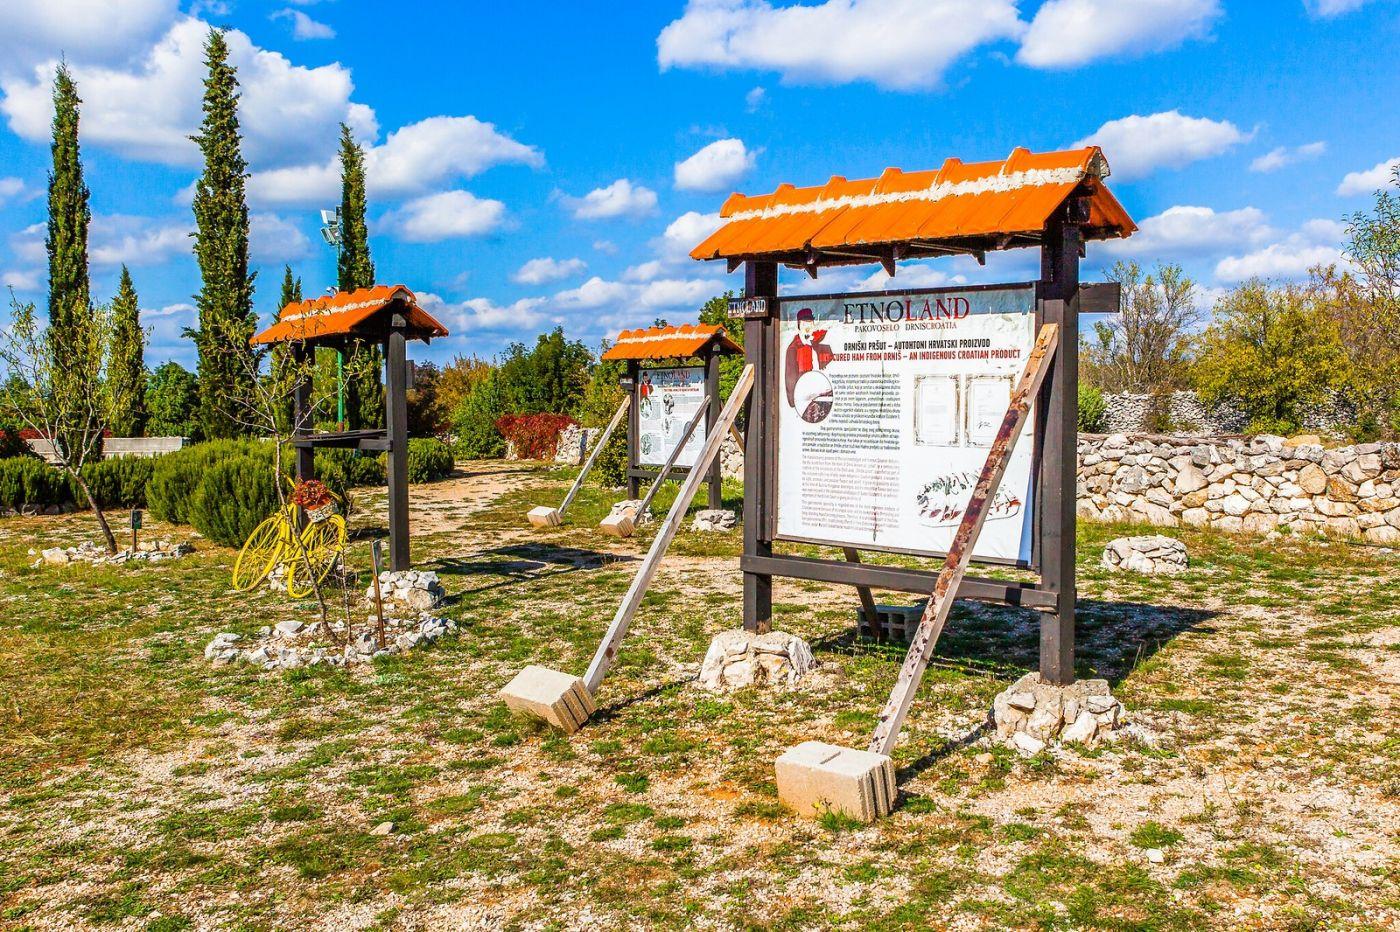 克罗地亚达尔马提亚村,独特的地域风貌_图1-37